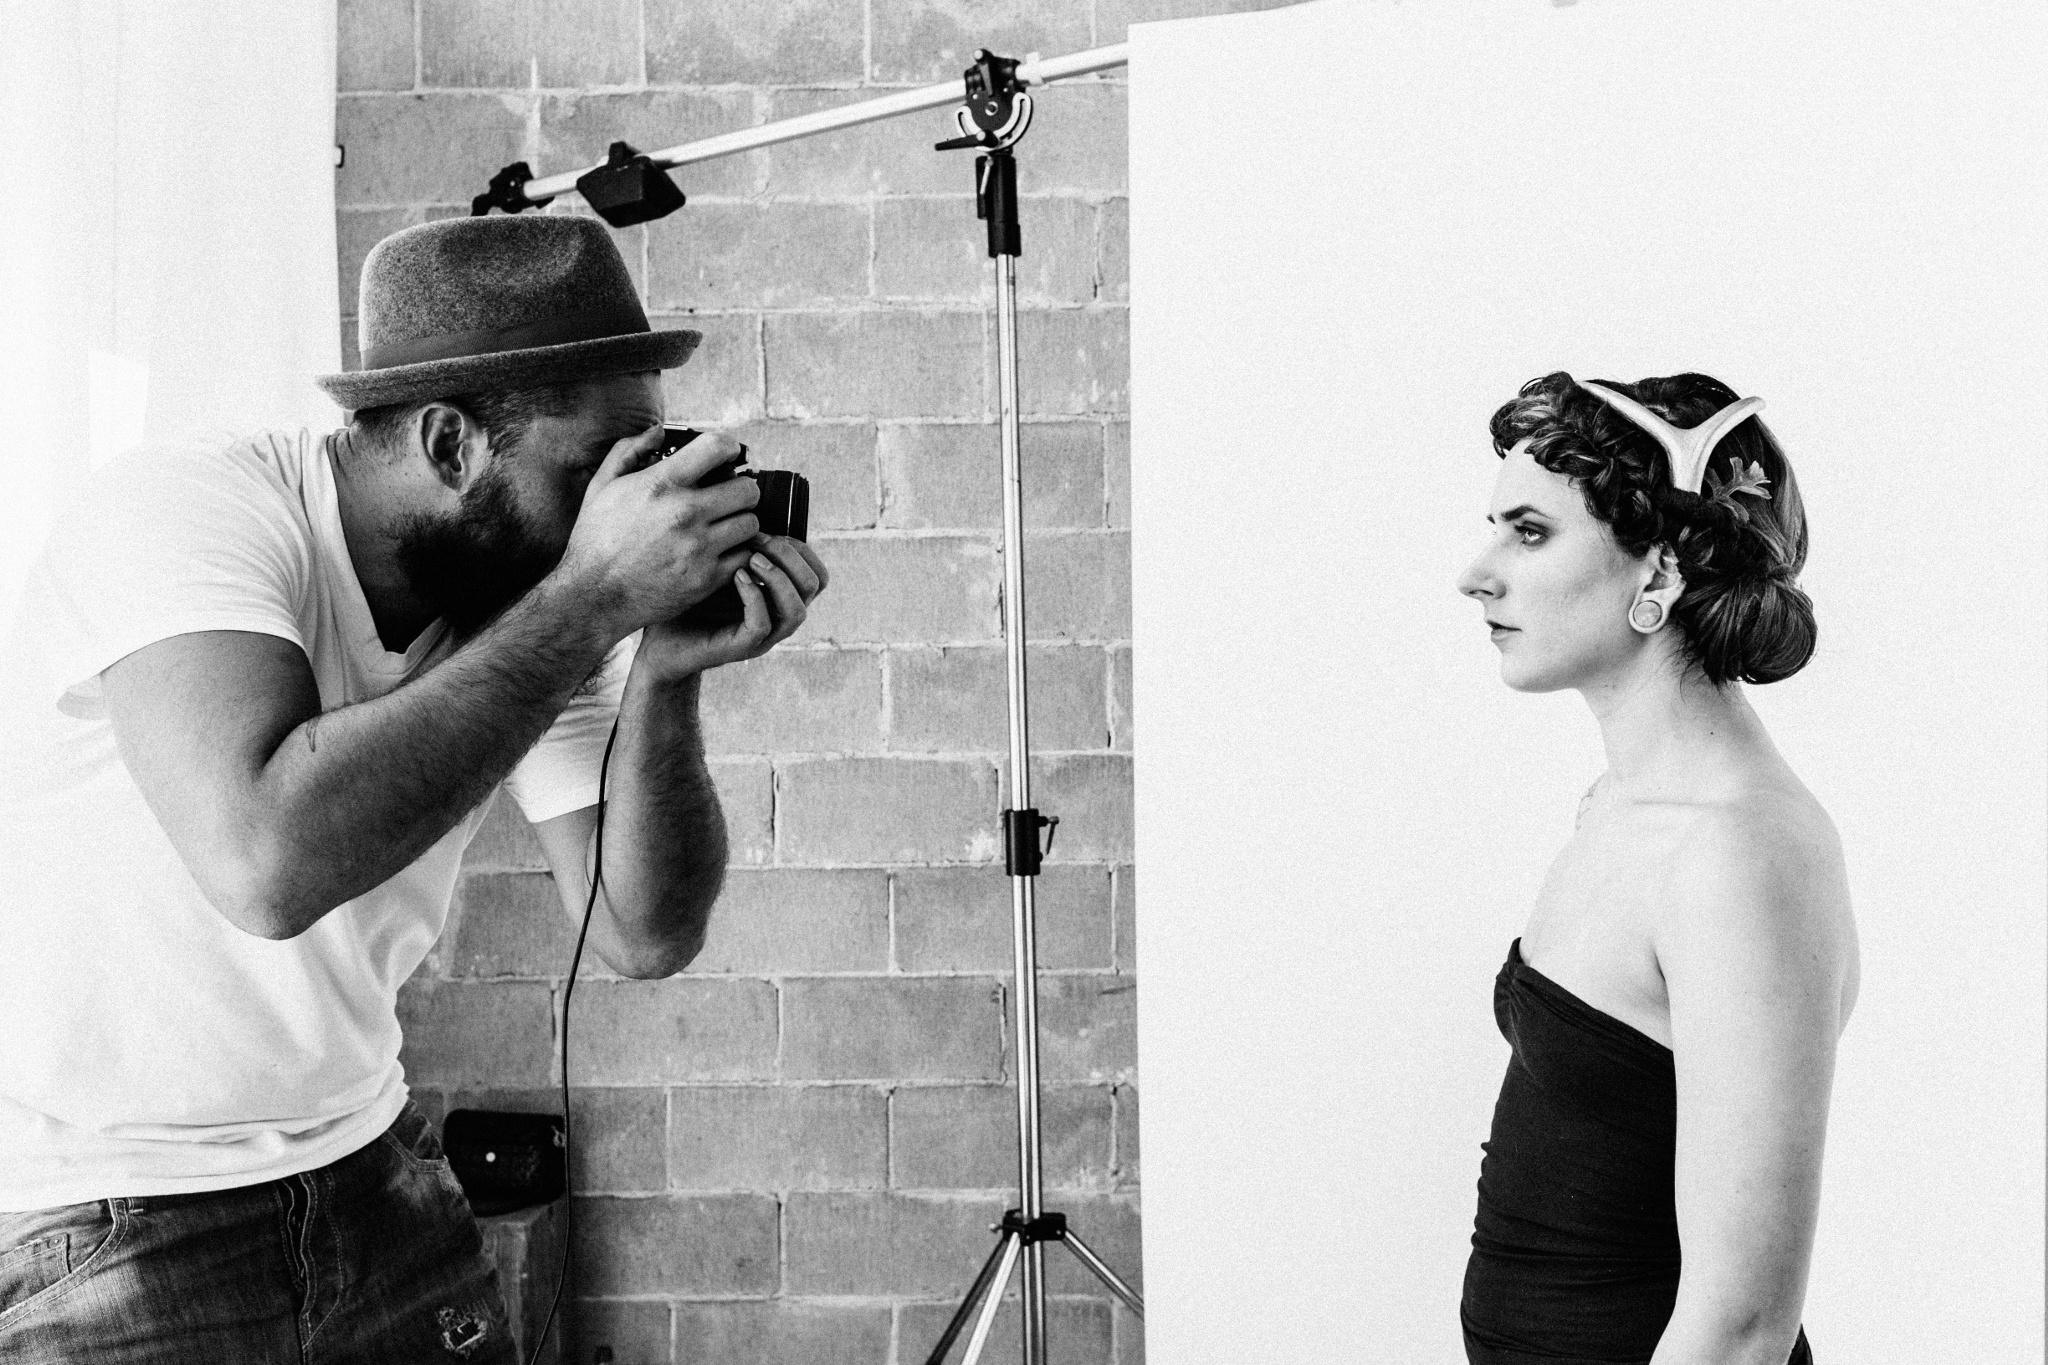 Фотограф и модель модельный бизнес нерюнгри